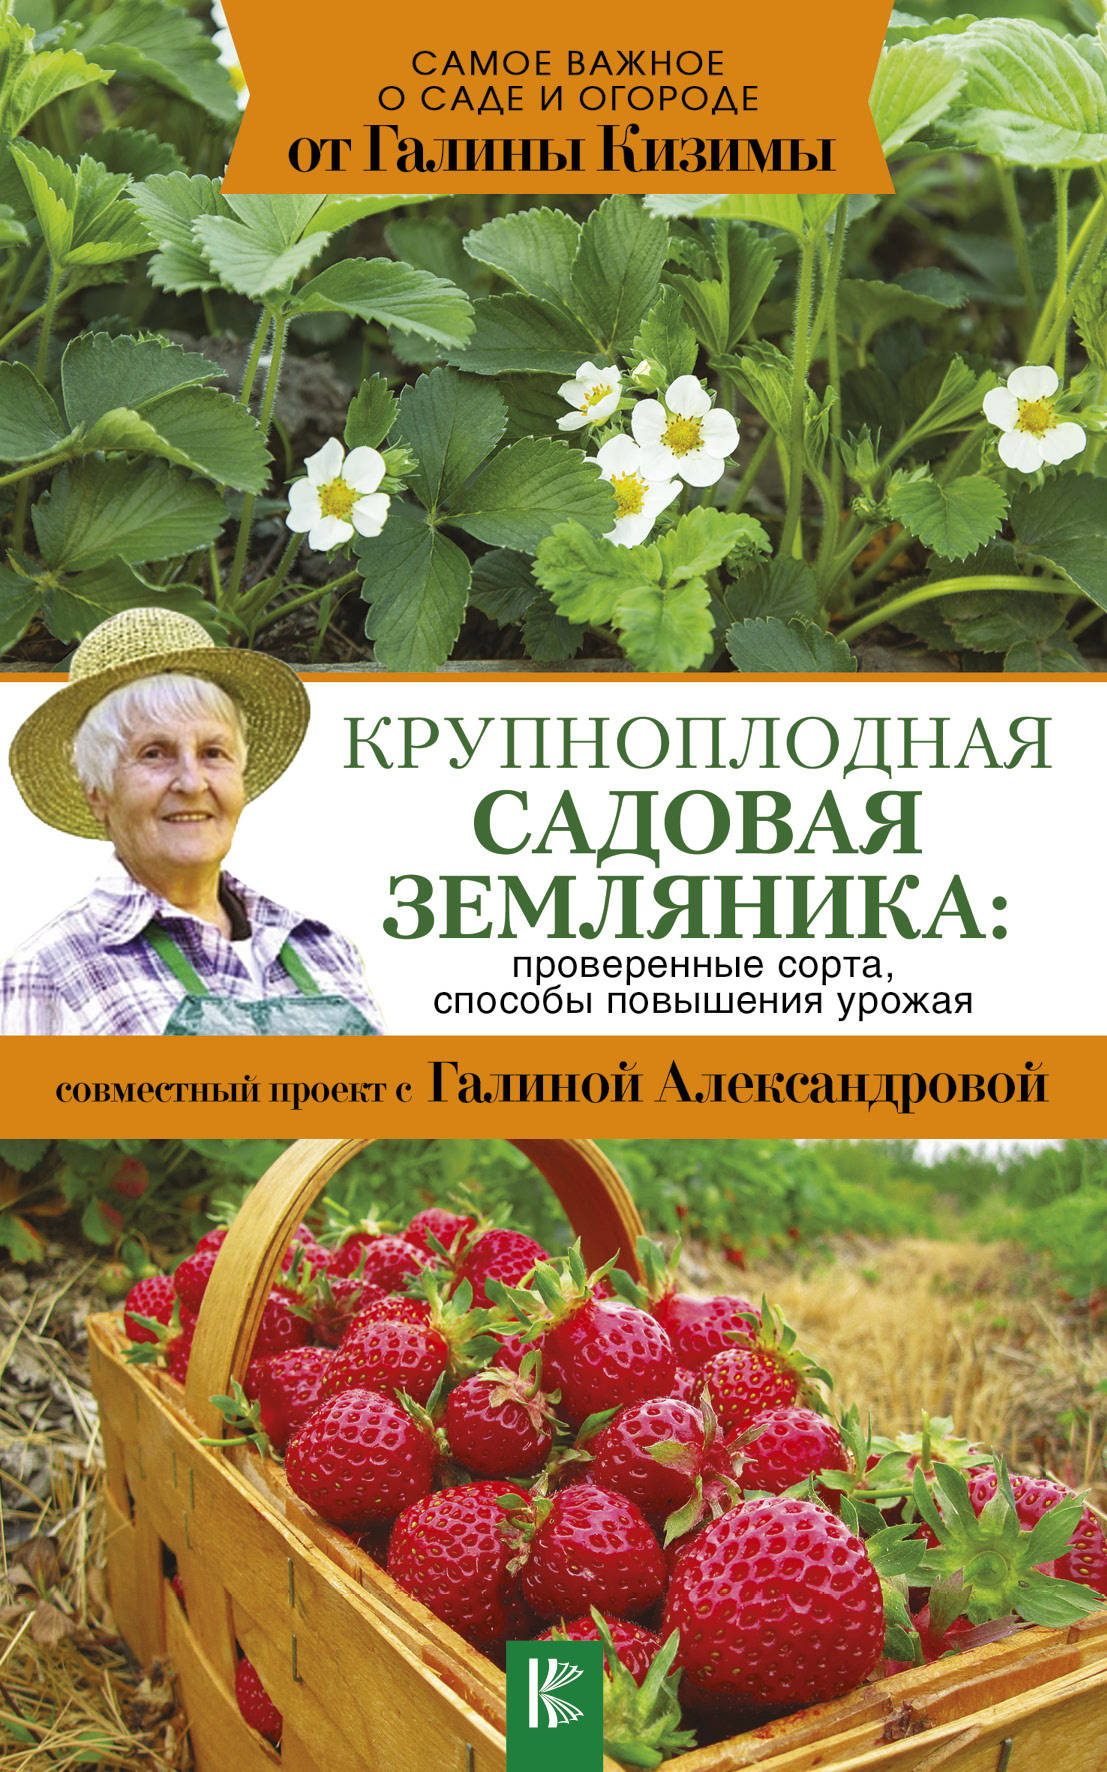 «Крупноплодная садовая земляника»